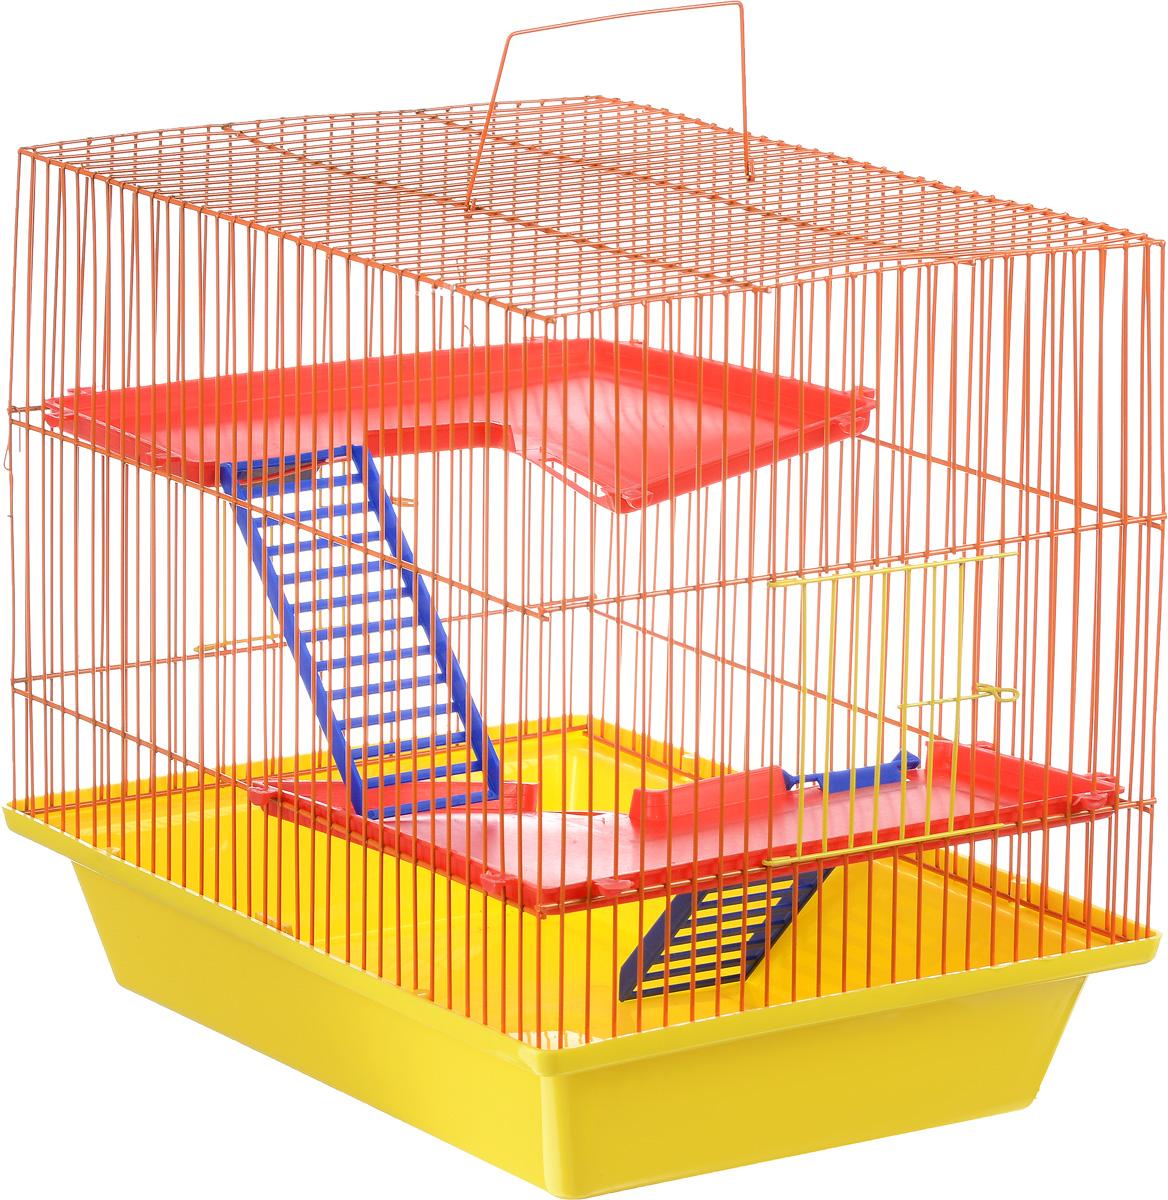 Клетка для грызунов ЗооМарк Гризли, 3-этажная, цвет: желтый поддон, оранжевая решетка, красные этажи, 41 х 30 х 36 см230_желтый, оранжевый, красныйКлетка ЗооМарк Гризли, выполненная из полипропилена и металла, подходит для мелких грызунов. Изделие трехэтажное. Клетка имеет яркий поддон, удобна в использовании и легко чистится. Сверху имеется ручка для переноски. Такая клетка станет уединенным личным пространством и уютным домиком для маленького грызуна.